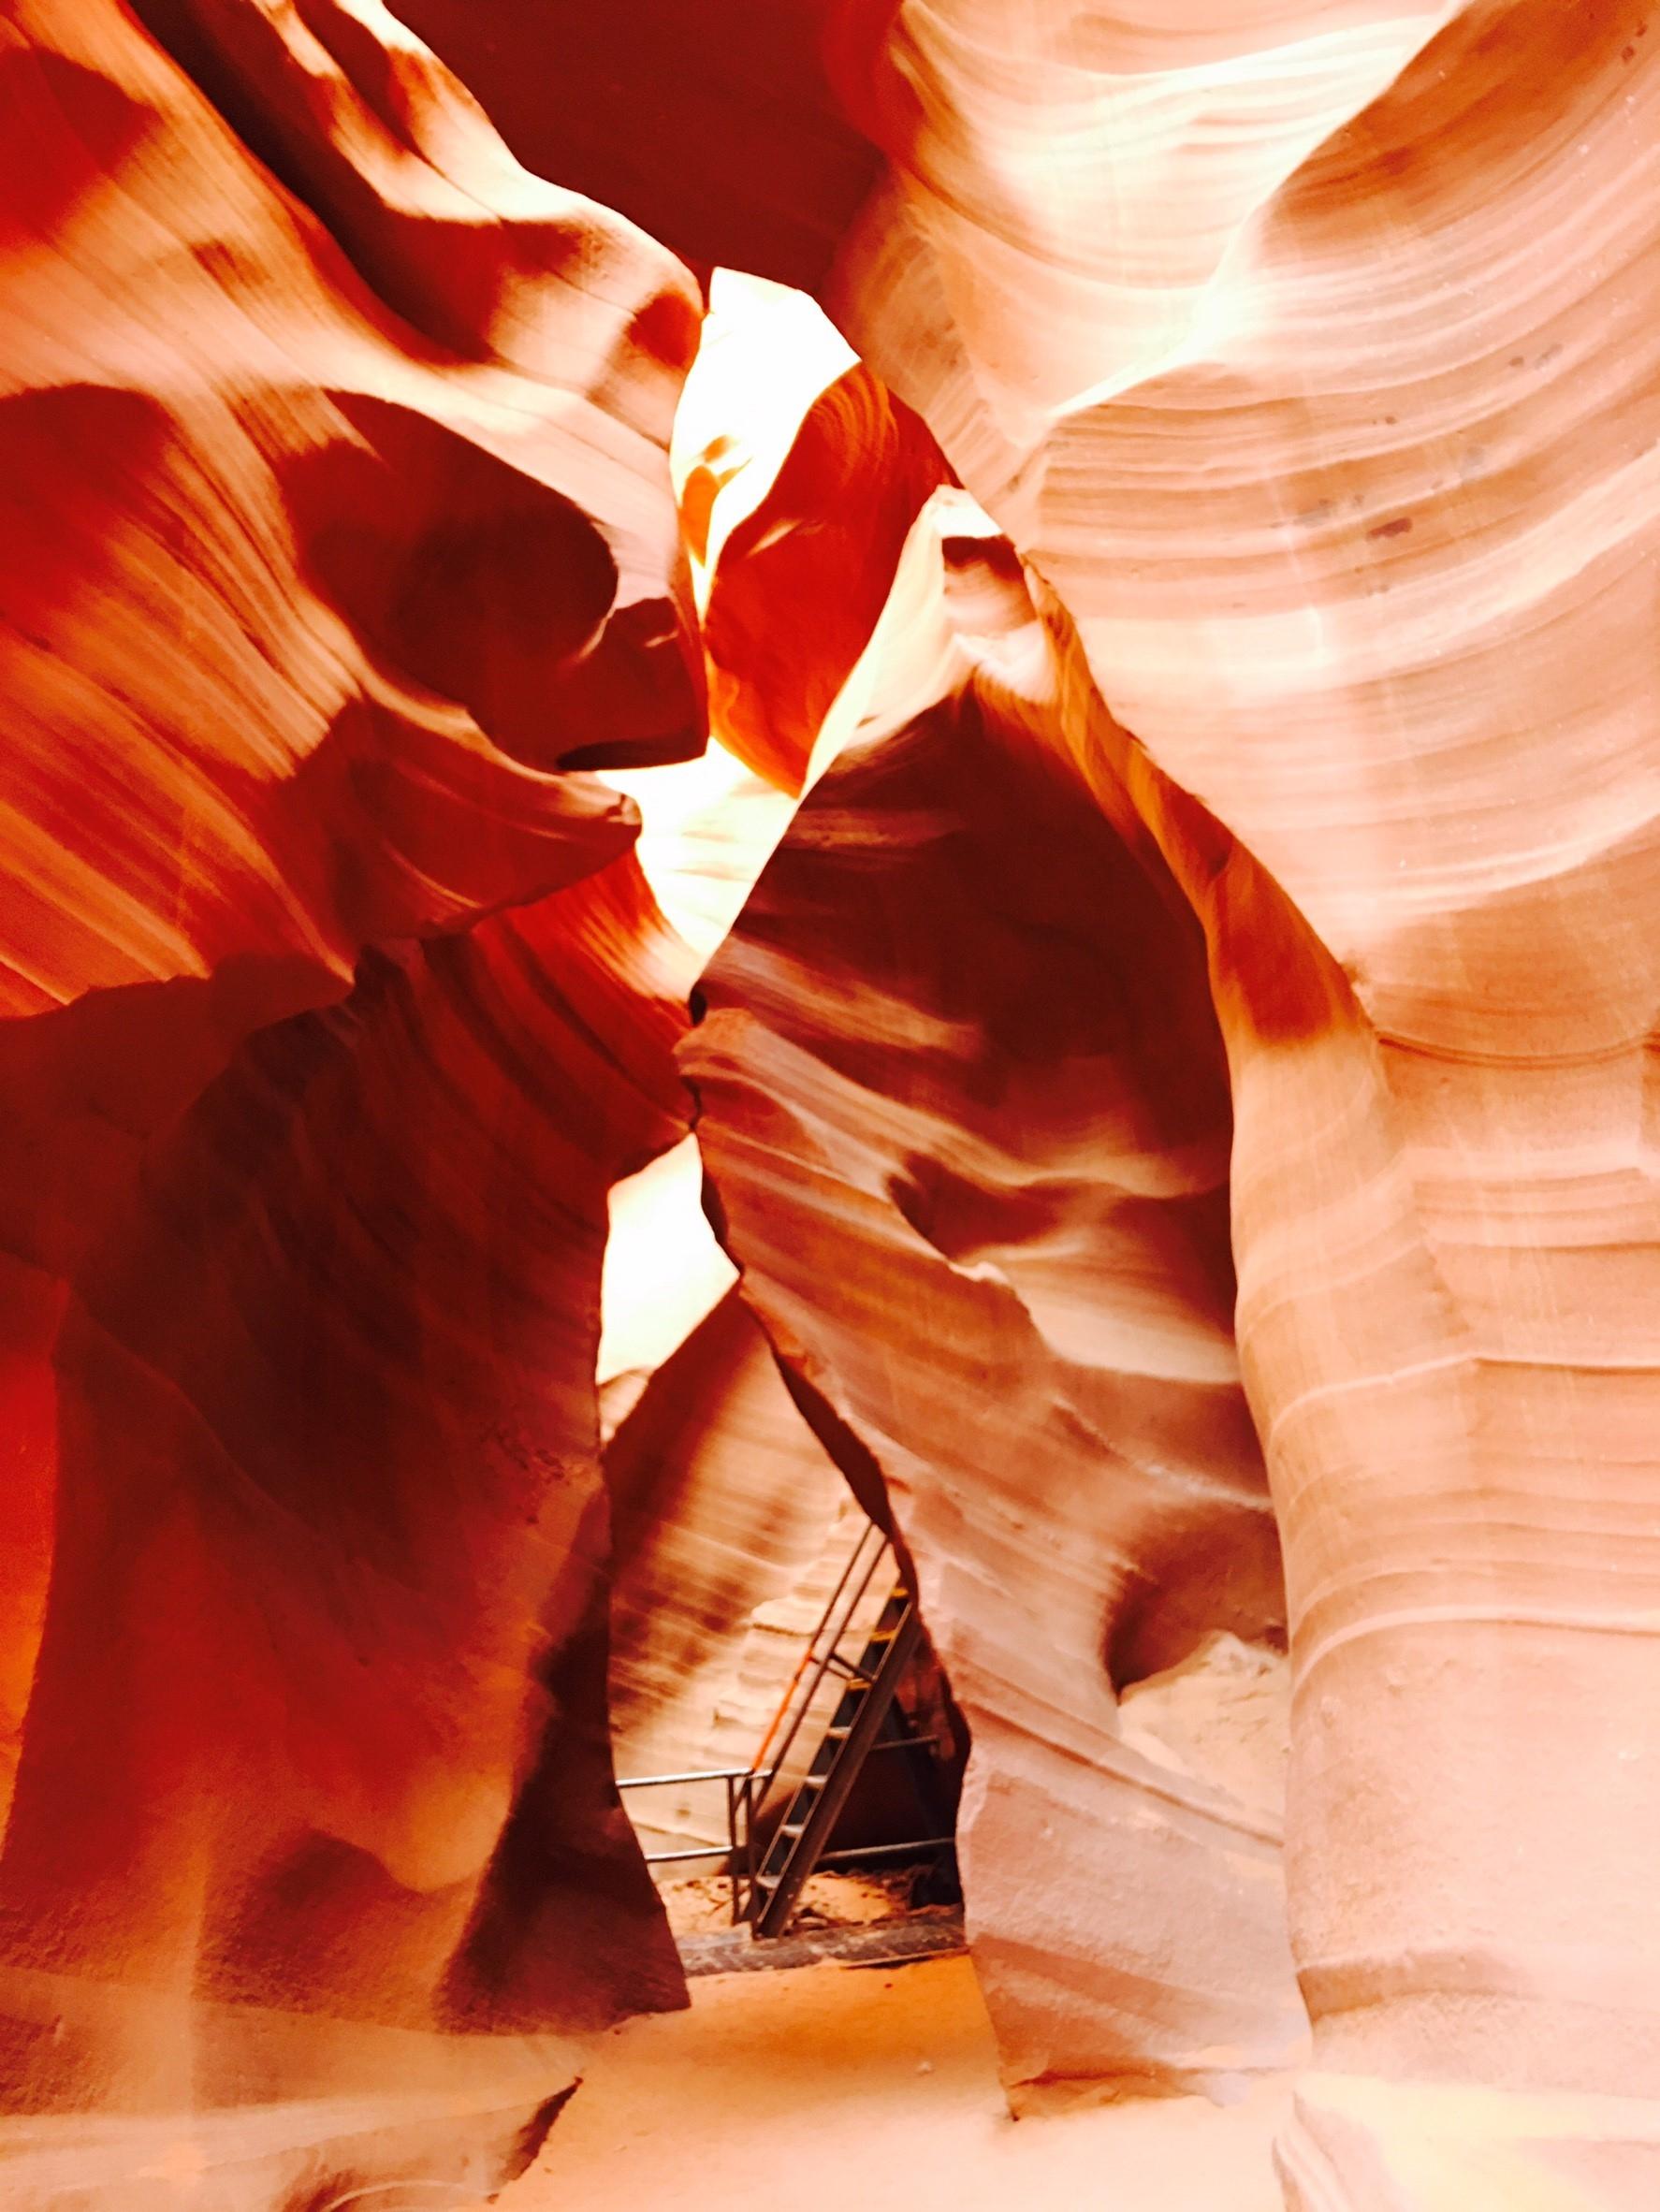 アンテロープキャニオン Antelope Canyon アメリカ横断